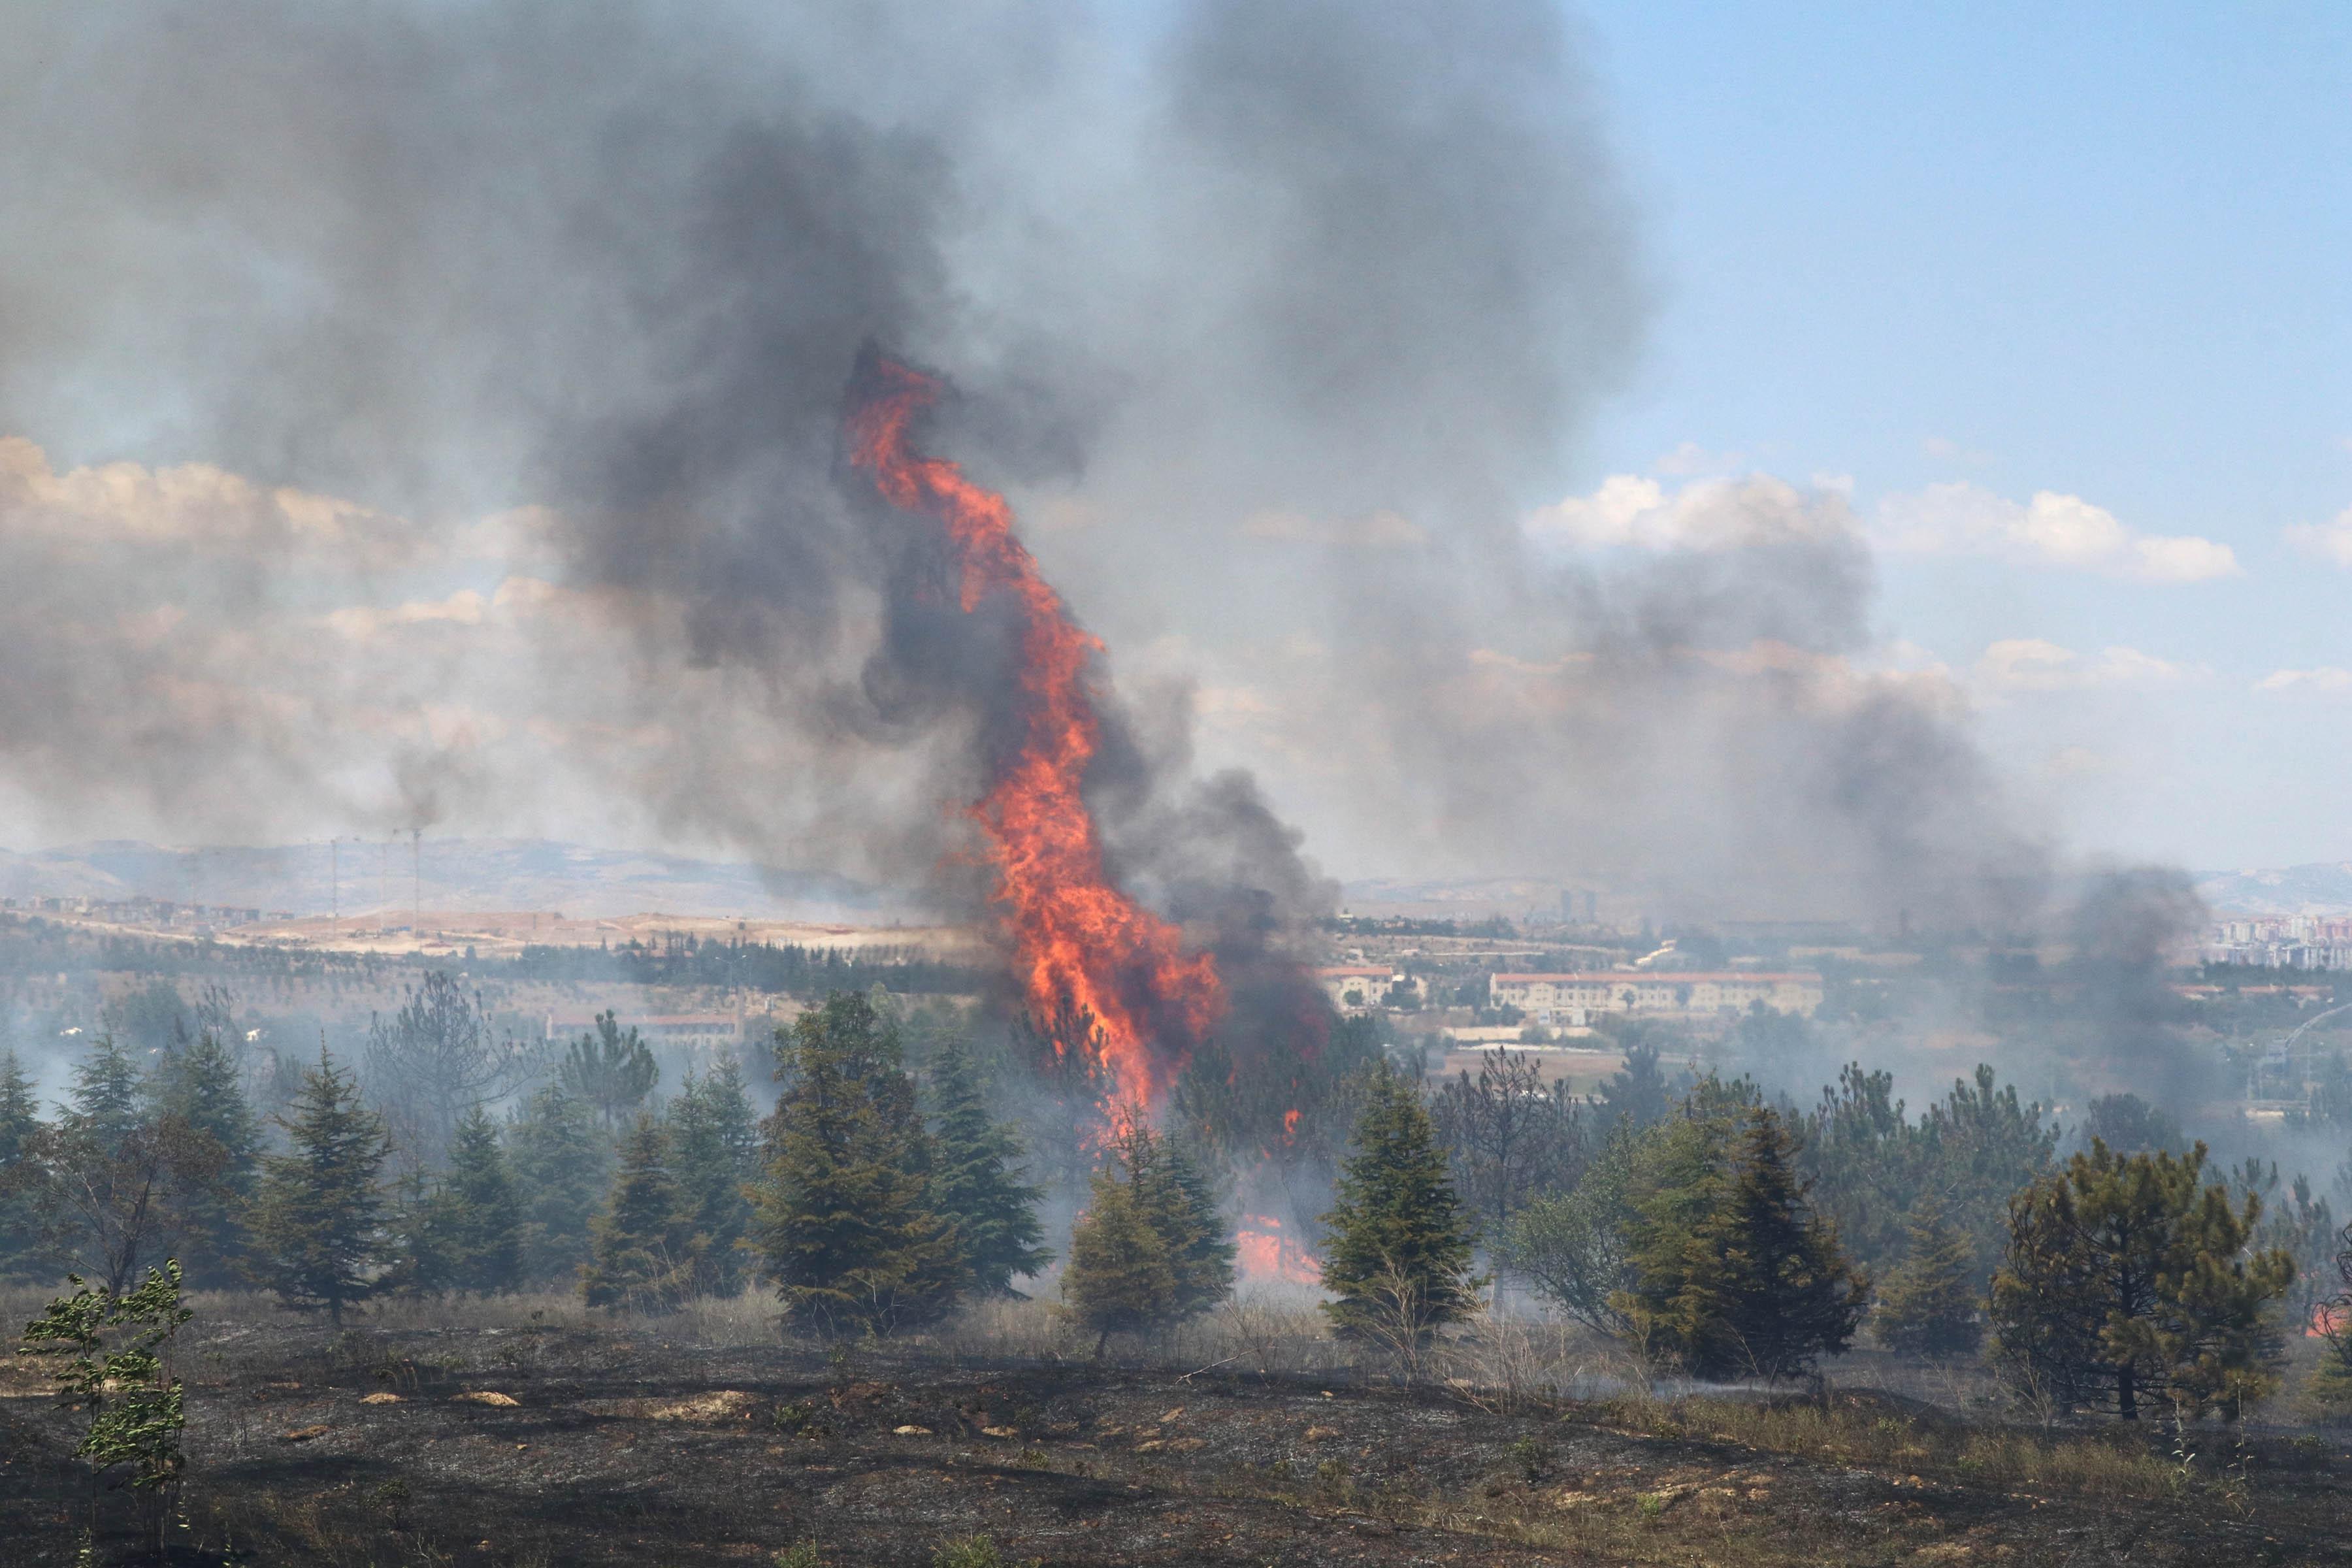 Atatürk Orman Çiftliği Arazisinde Yangın: 1 Kişi Gözaltında